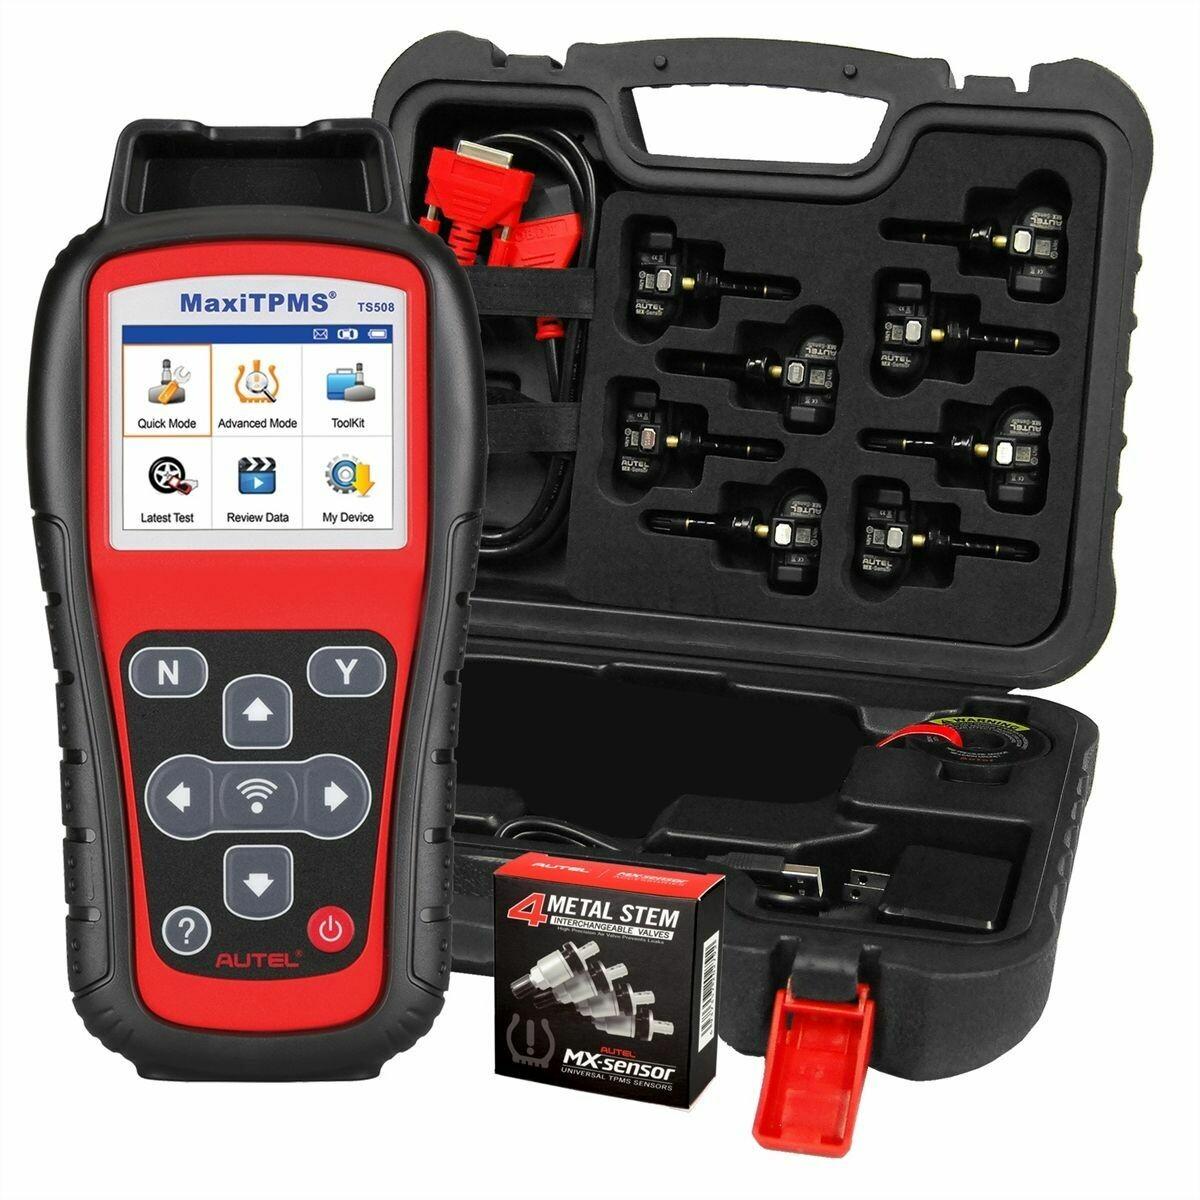 AUTEL MaxiTPMS TS508KMV-1 Kit with Tool, 1-Sensors, MVK